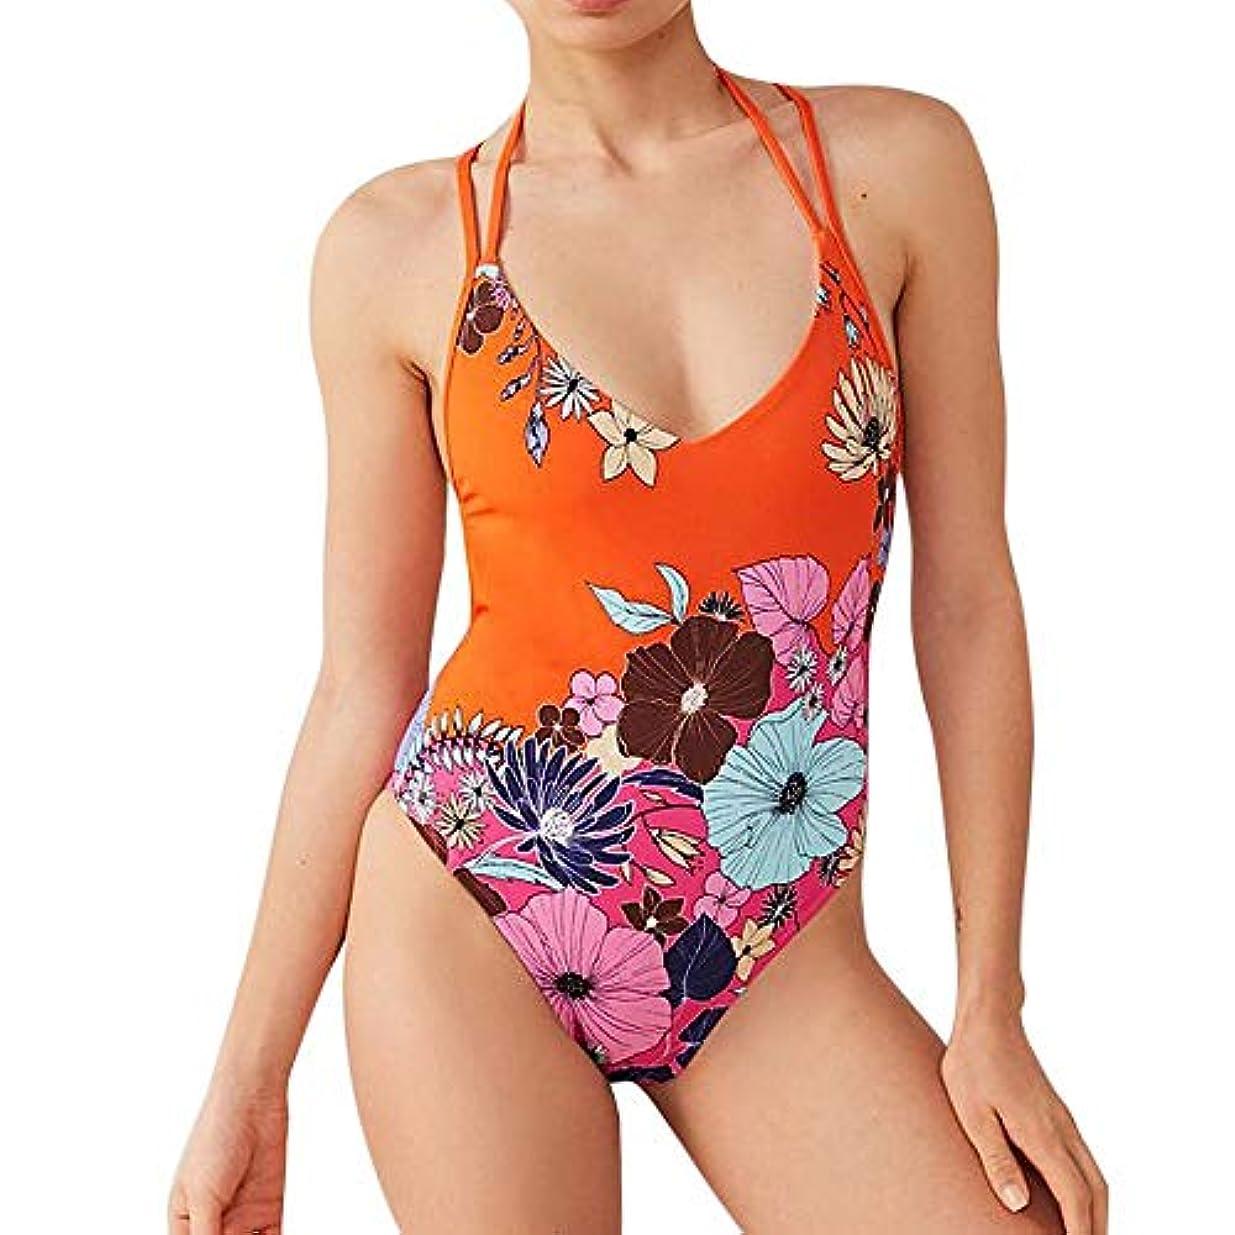 ボランティアゴネリル彼女のREWAGO 水着レディース ビキニ ワンピース セパレーツ セクシー 欧米人気 美胸 Vネック ホルダーネック 紫外線防止 肌守り 背中開き おしゃれな水着 ファッションな柄 海水浴 温泉 海外旅行